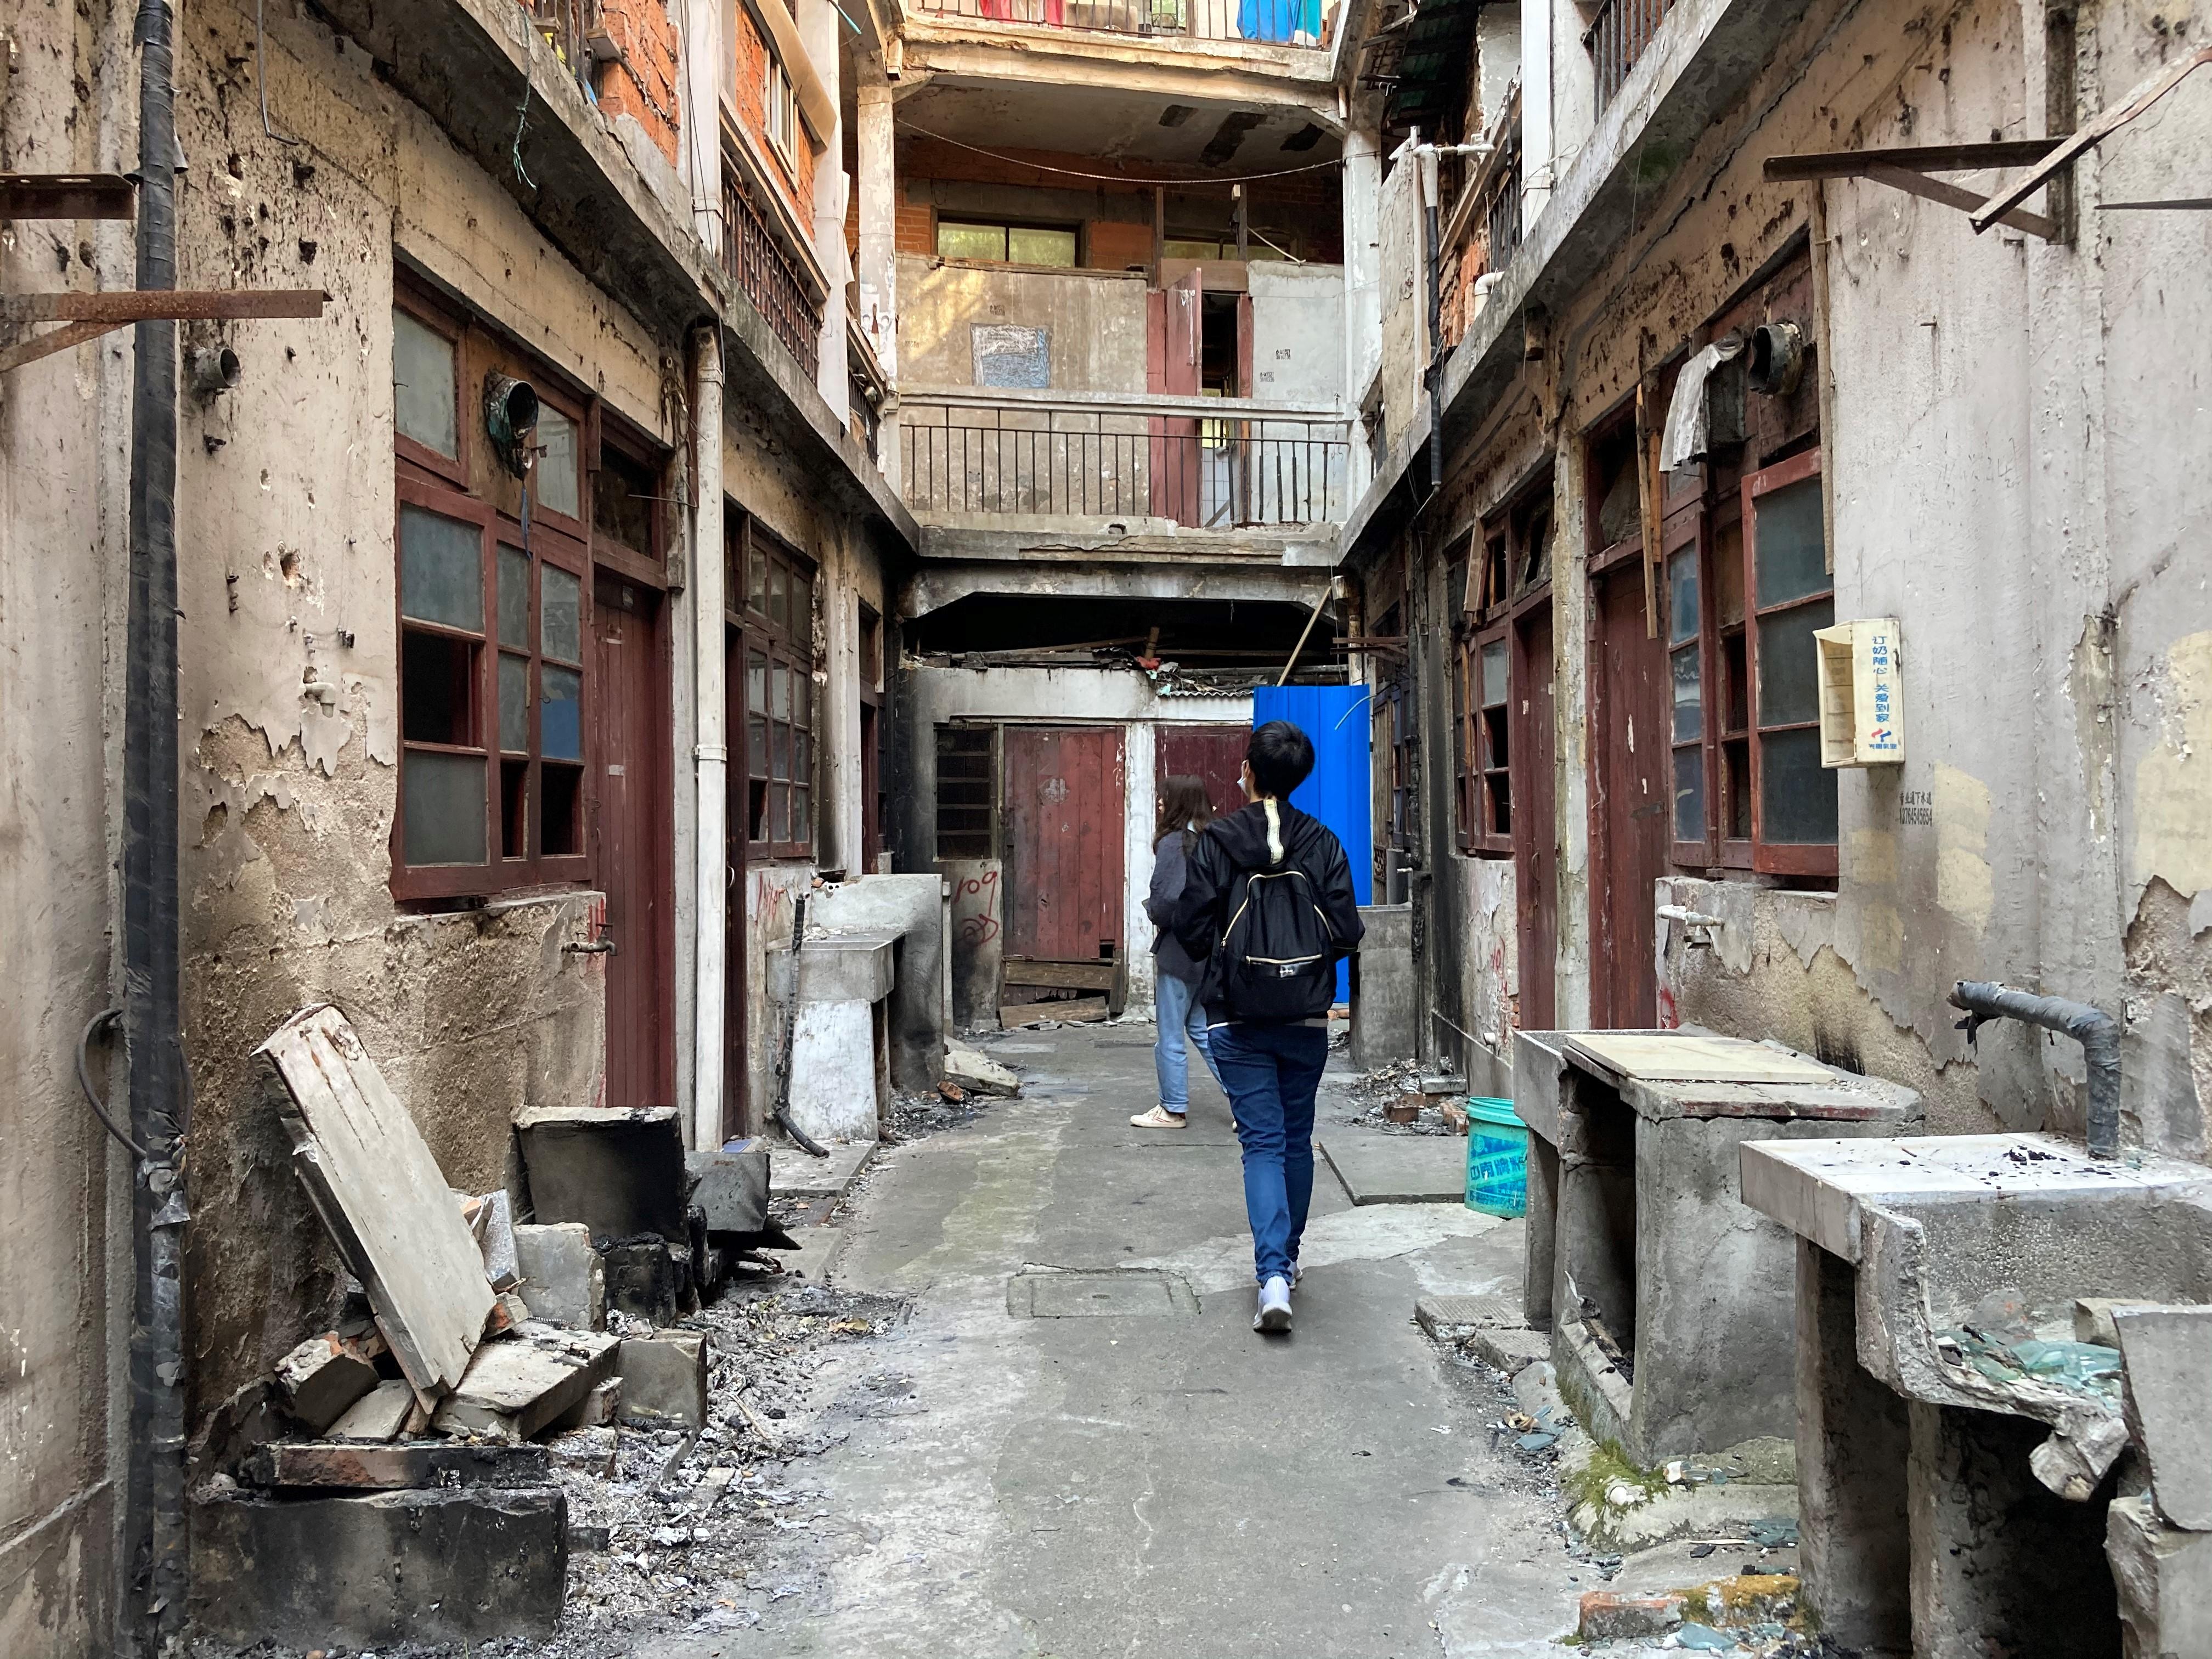 探访上海造币厂旁的老弄堂。 btr 摄